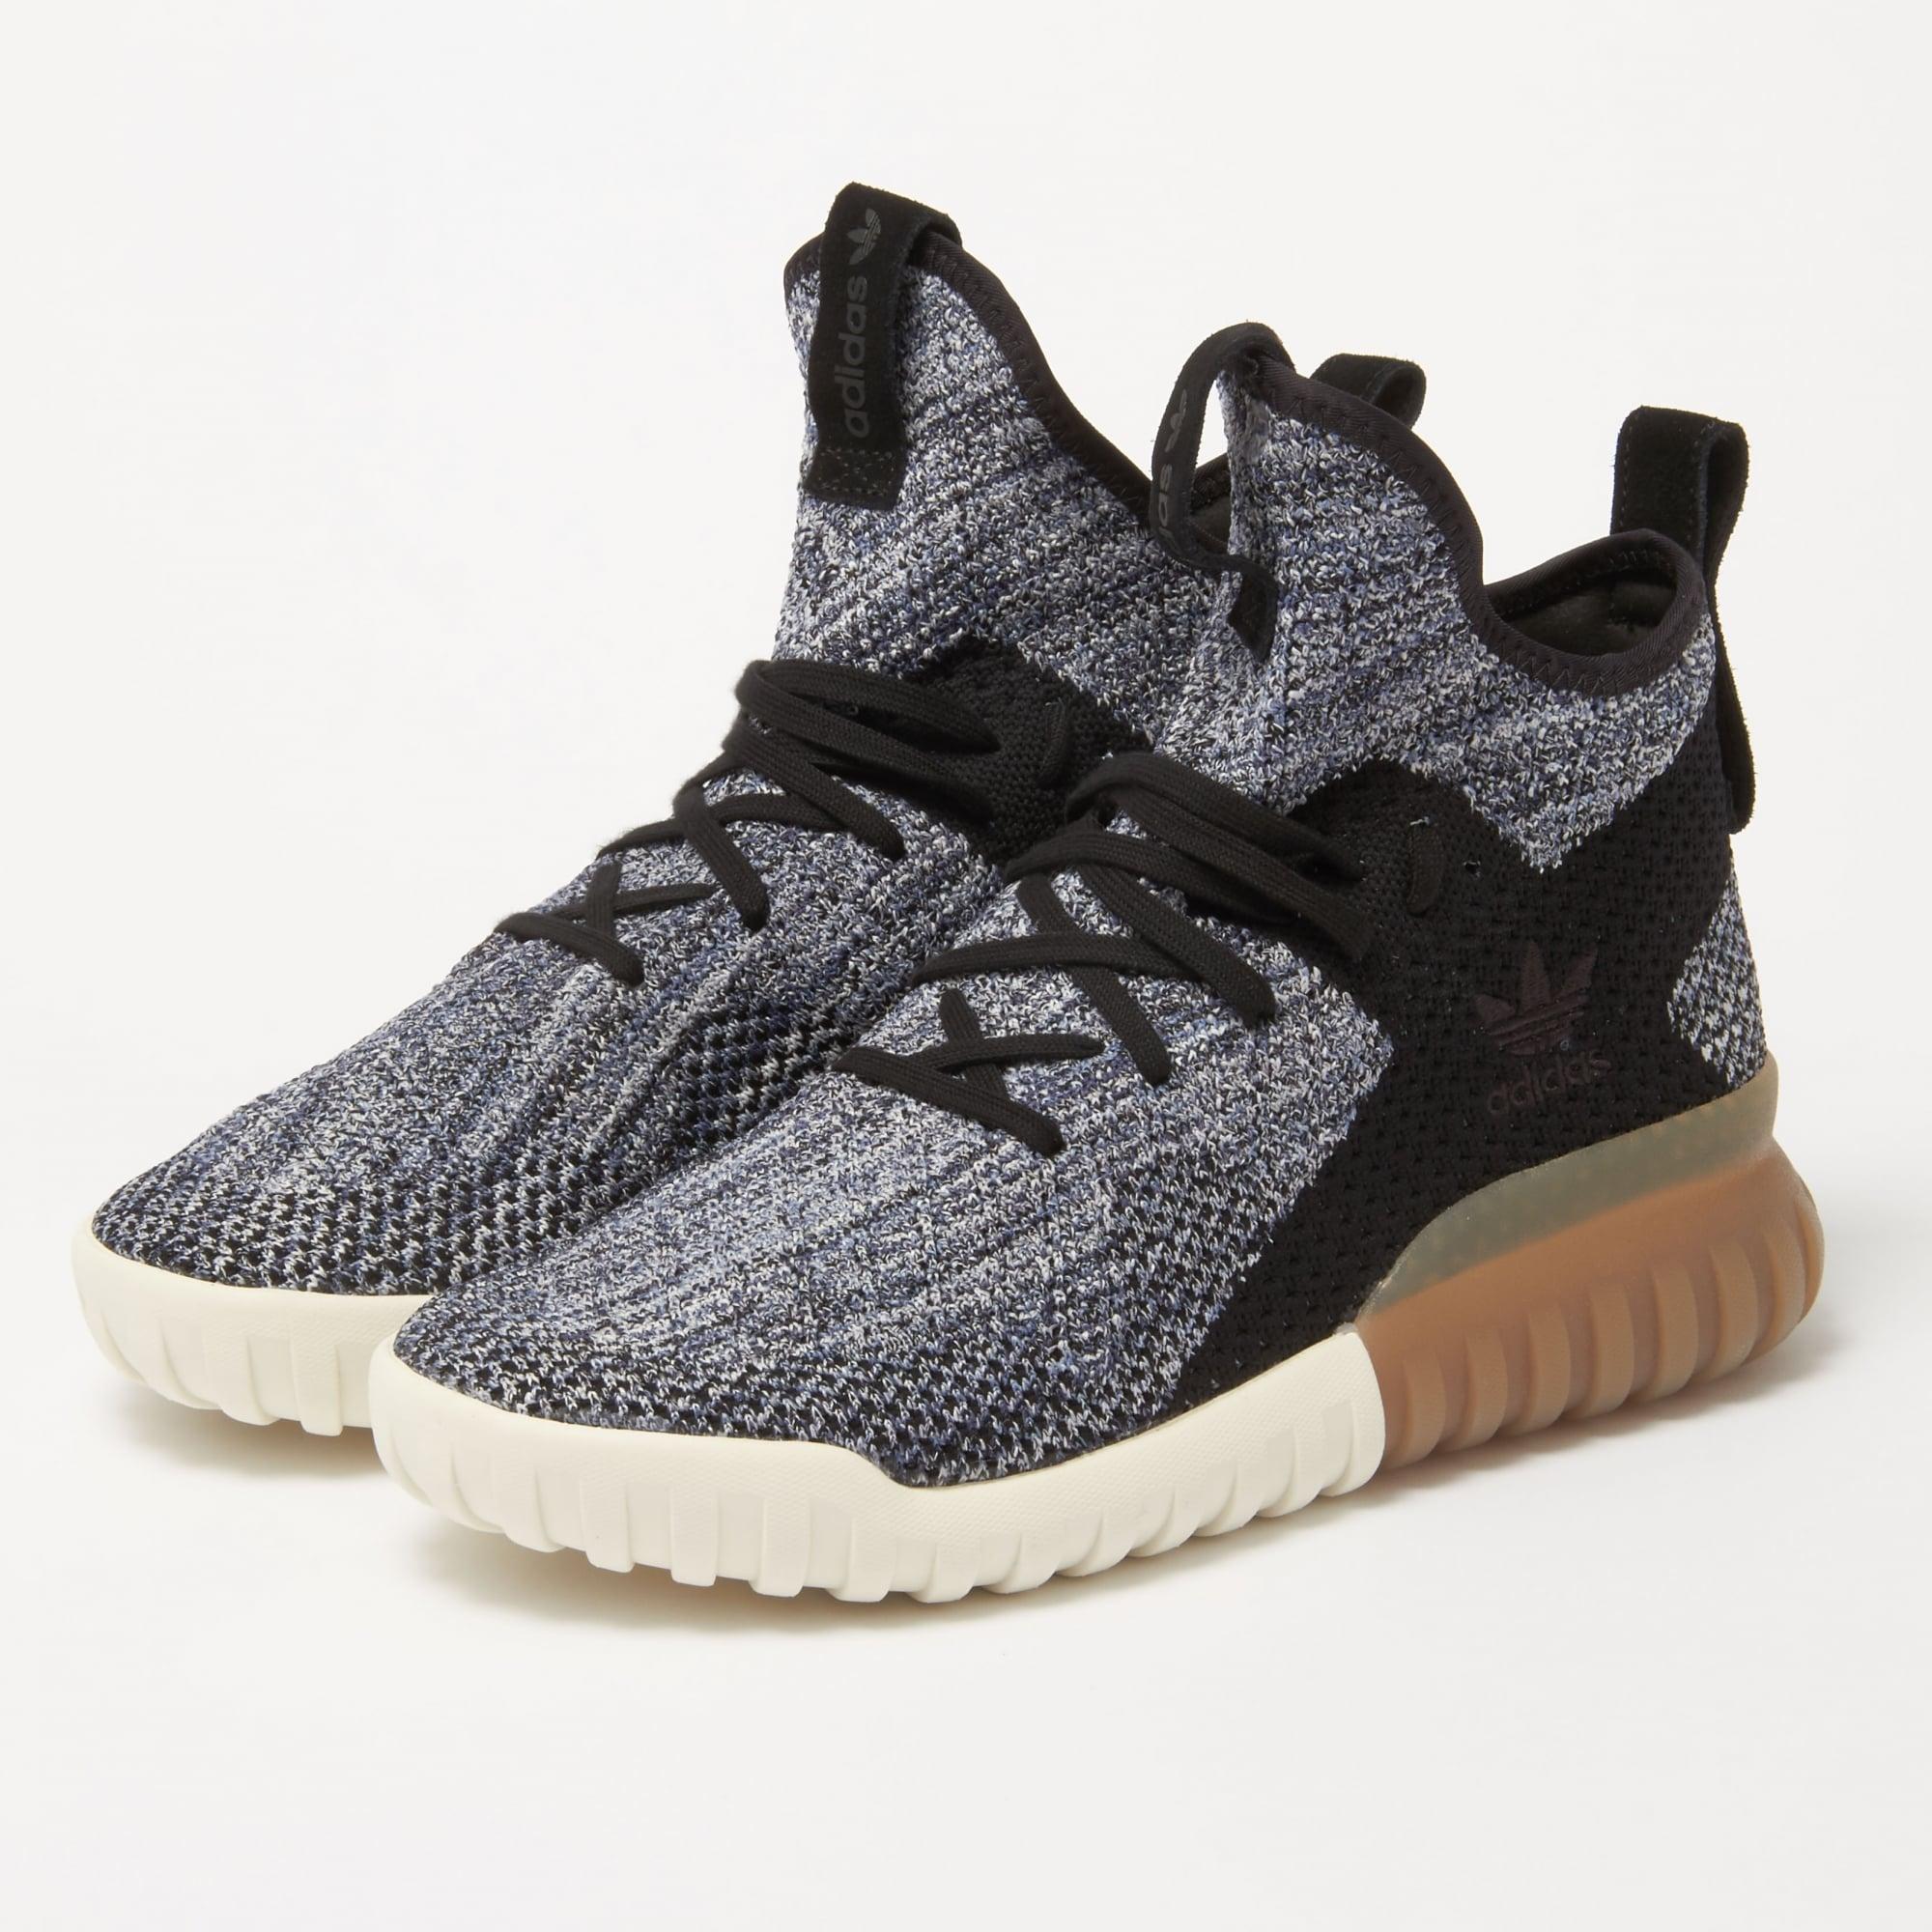 adidas tubular primeknit x grey